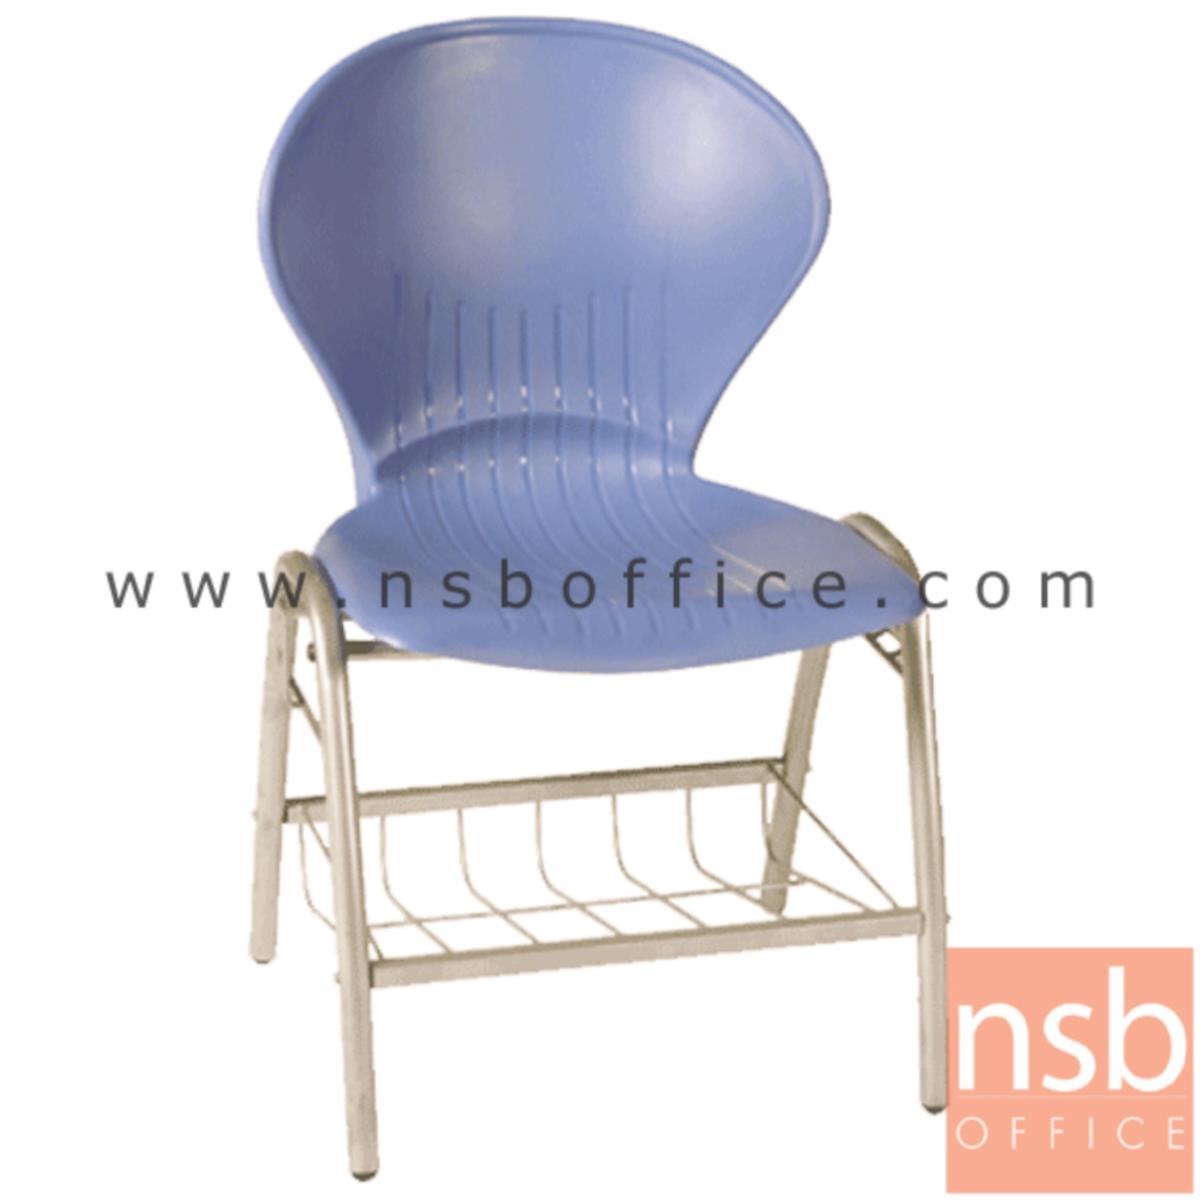 เก้าอี้อเนกประสงค์เฟรมโพลี่ รุ่น A366  มีตะแกรงวางของ ขาเหล็ก